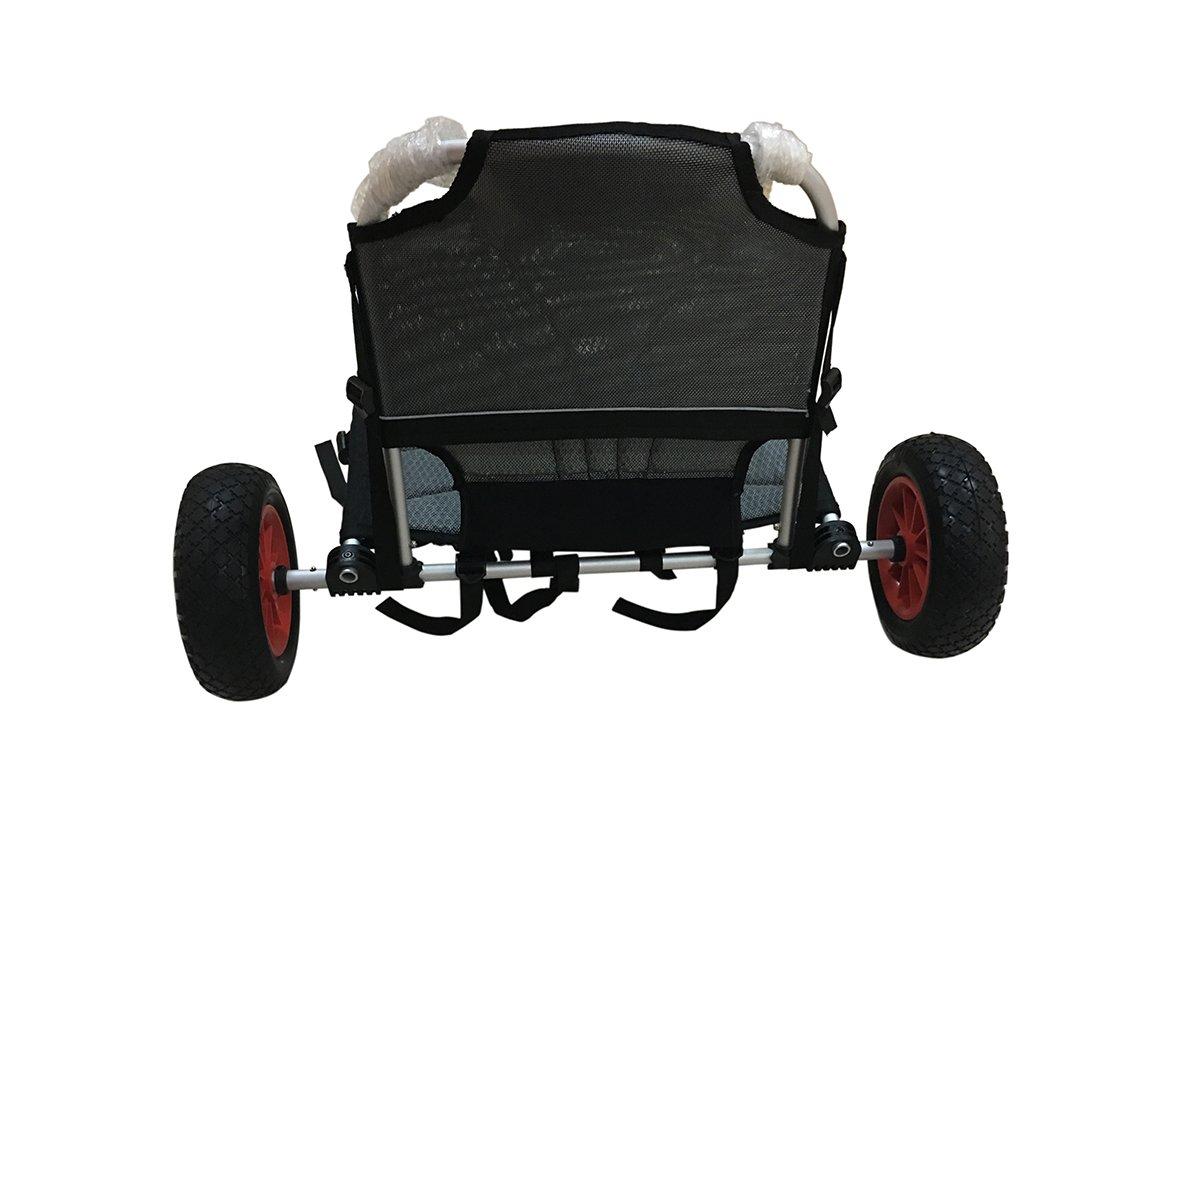 Amazon.com: liker 2 in1 Carrito para kayak con aluminio ...